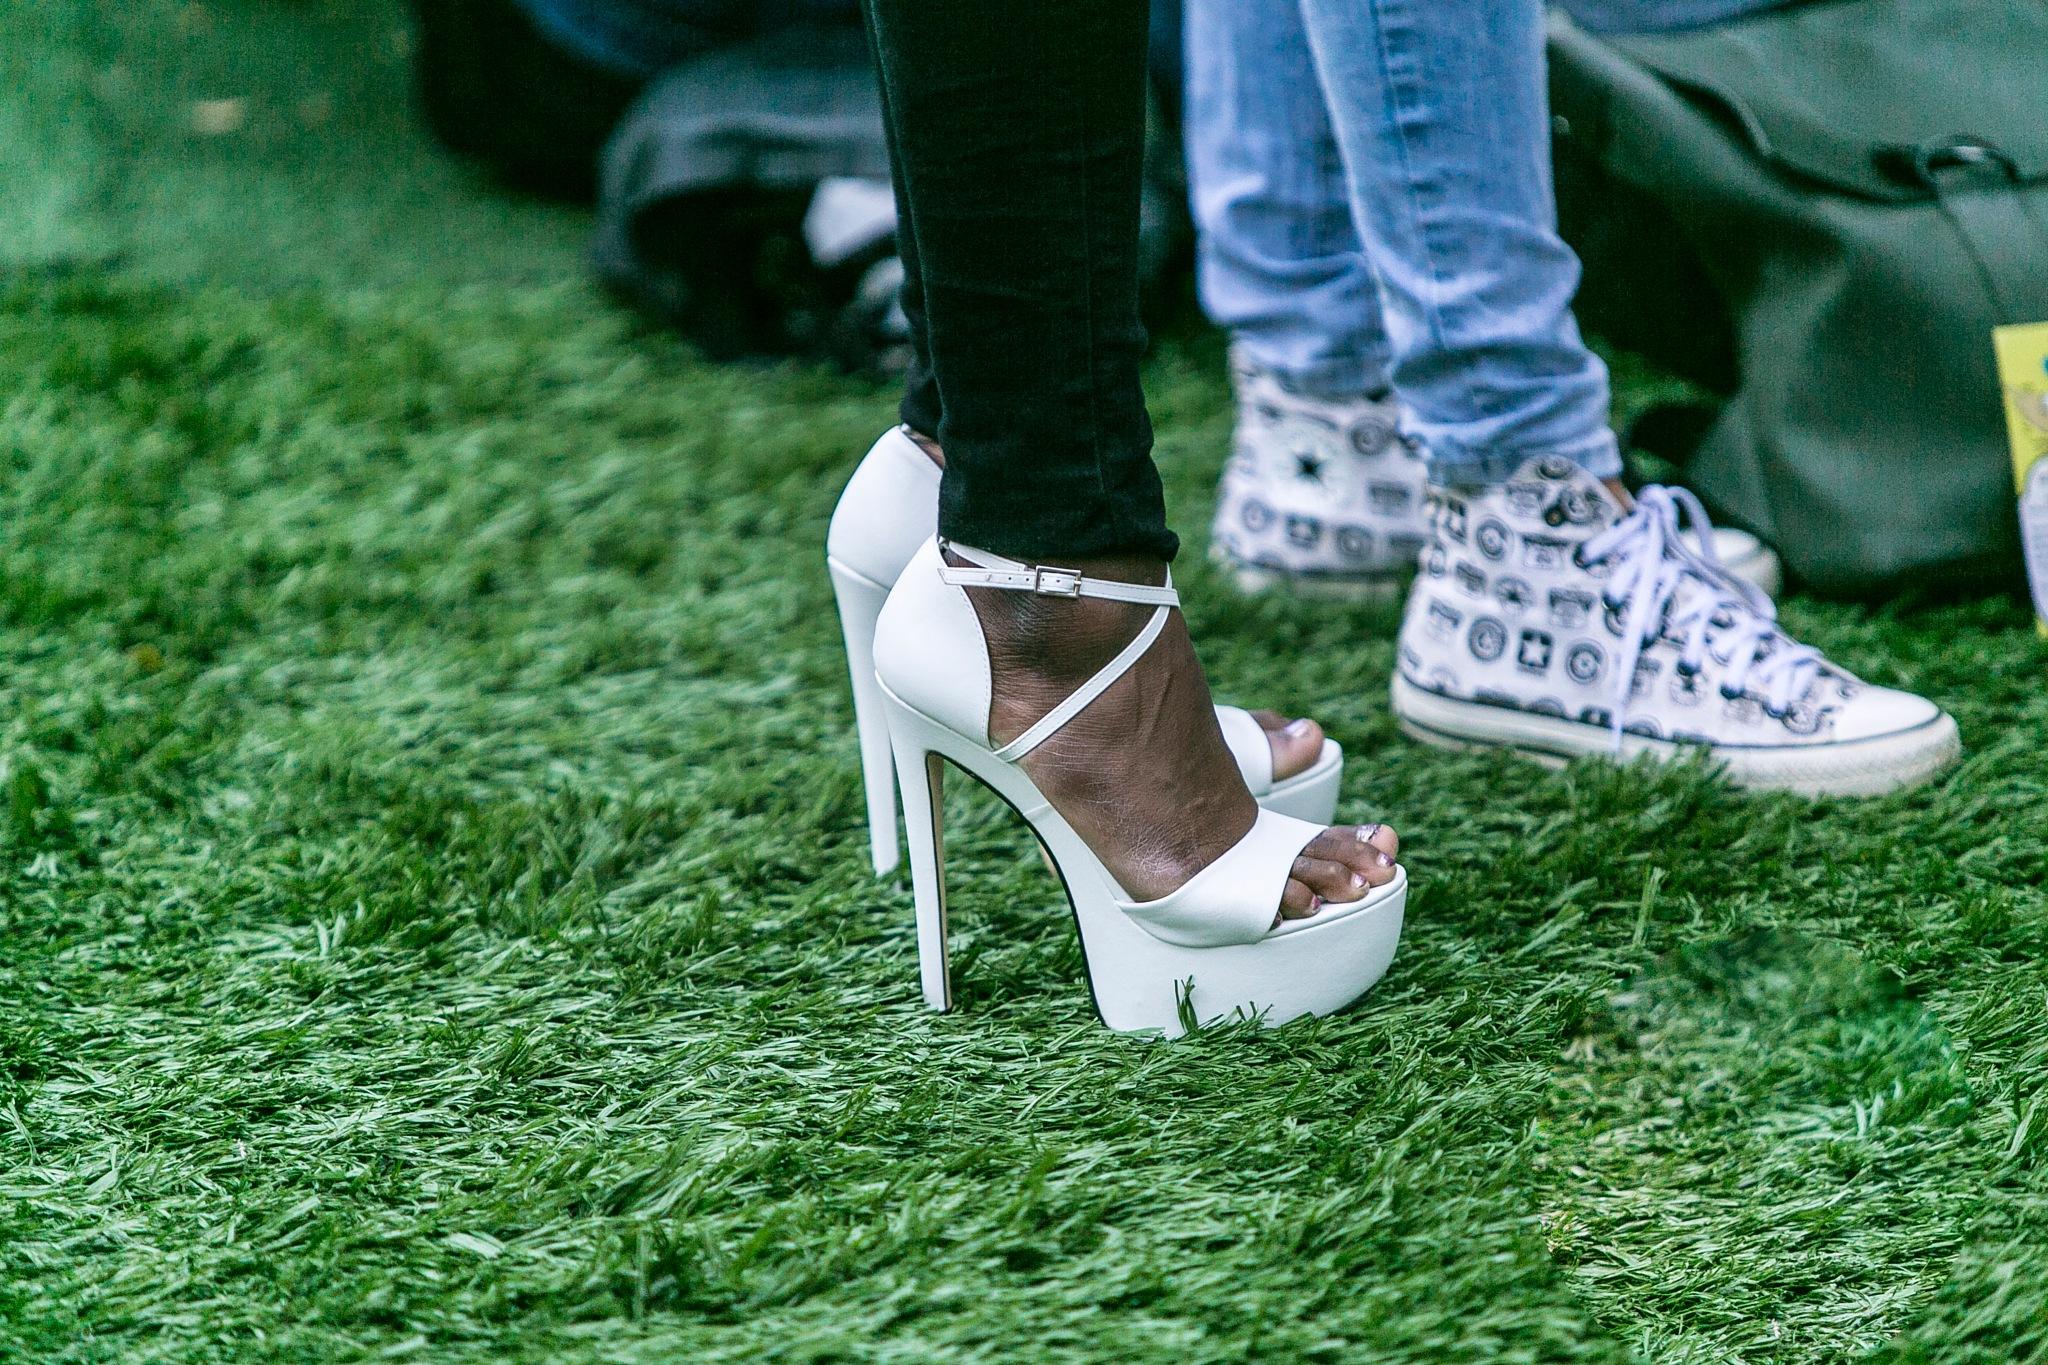 Sneakers or Heels by ad.kesteloo